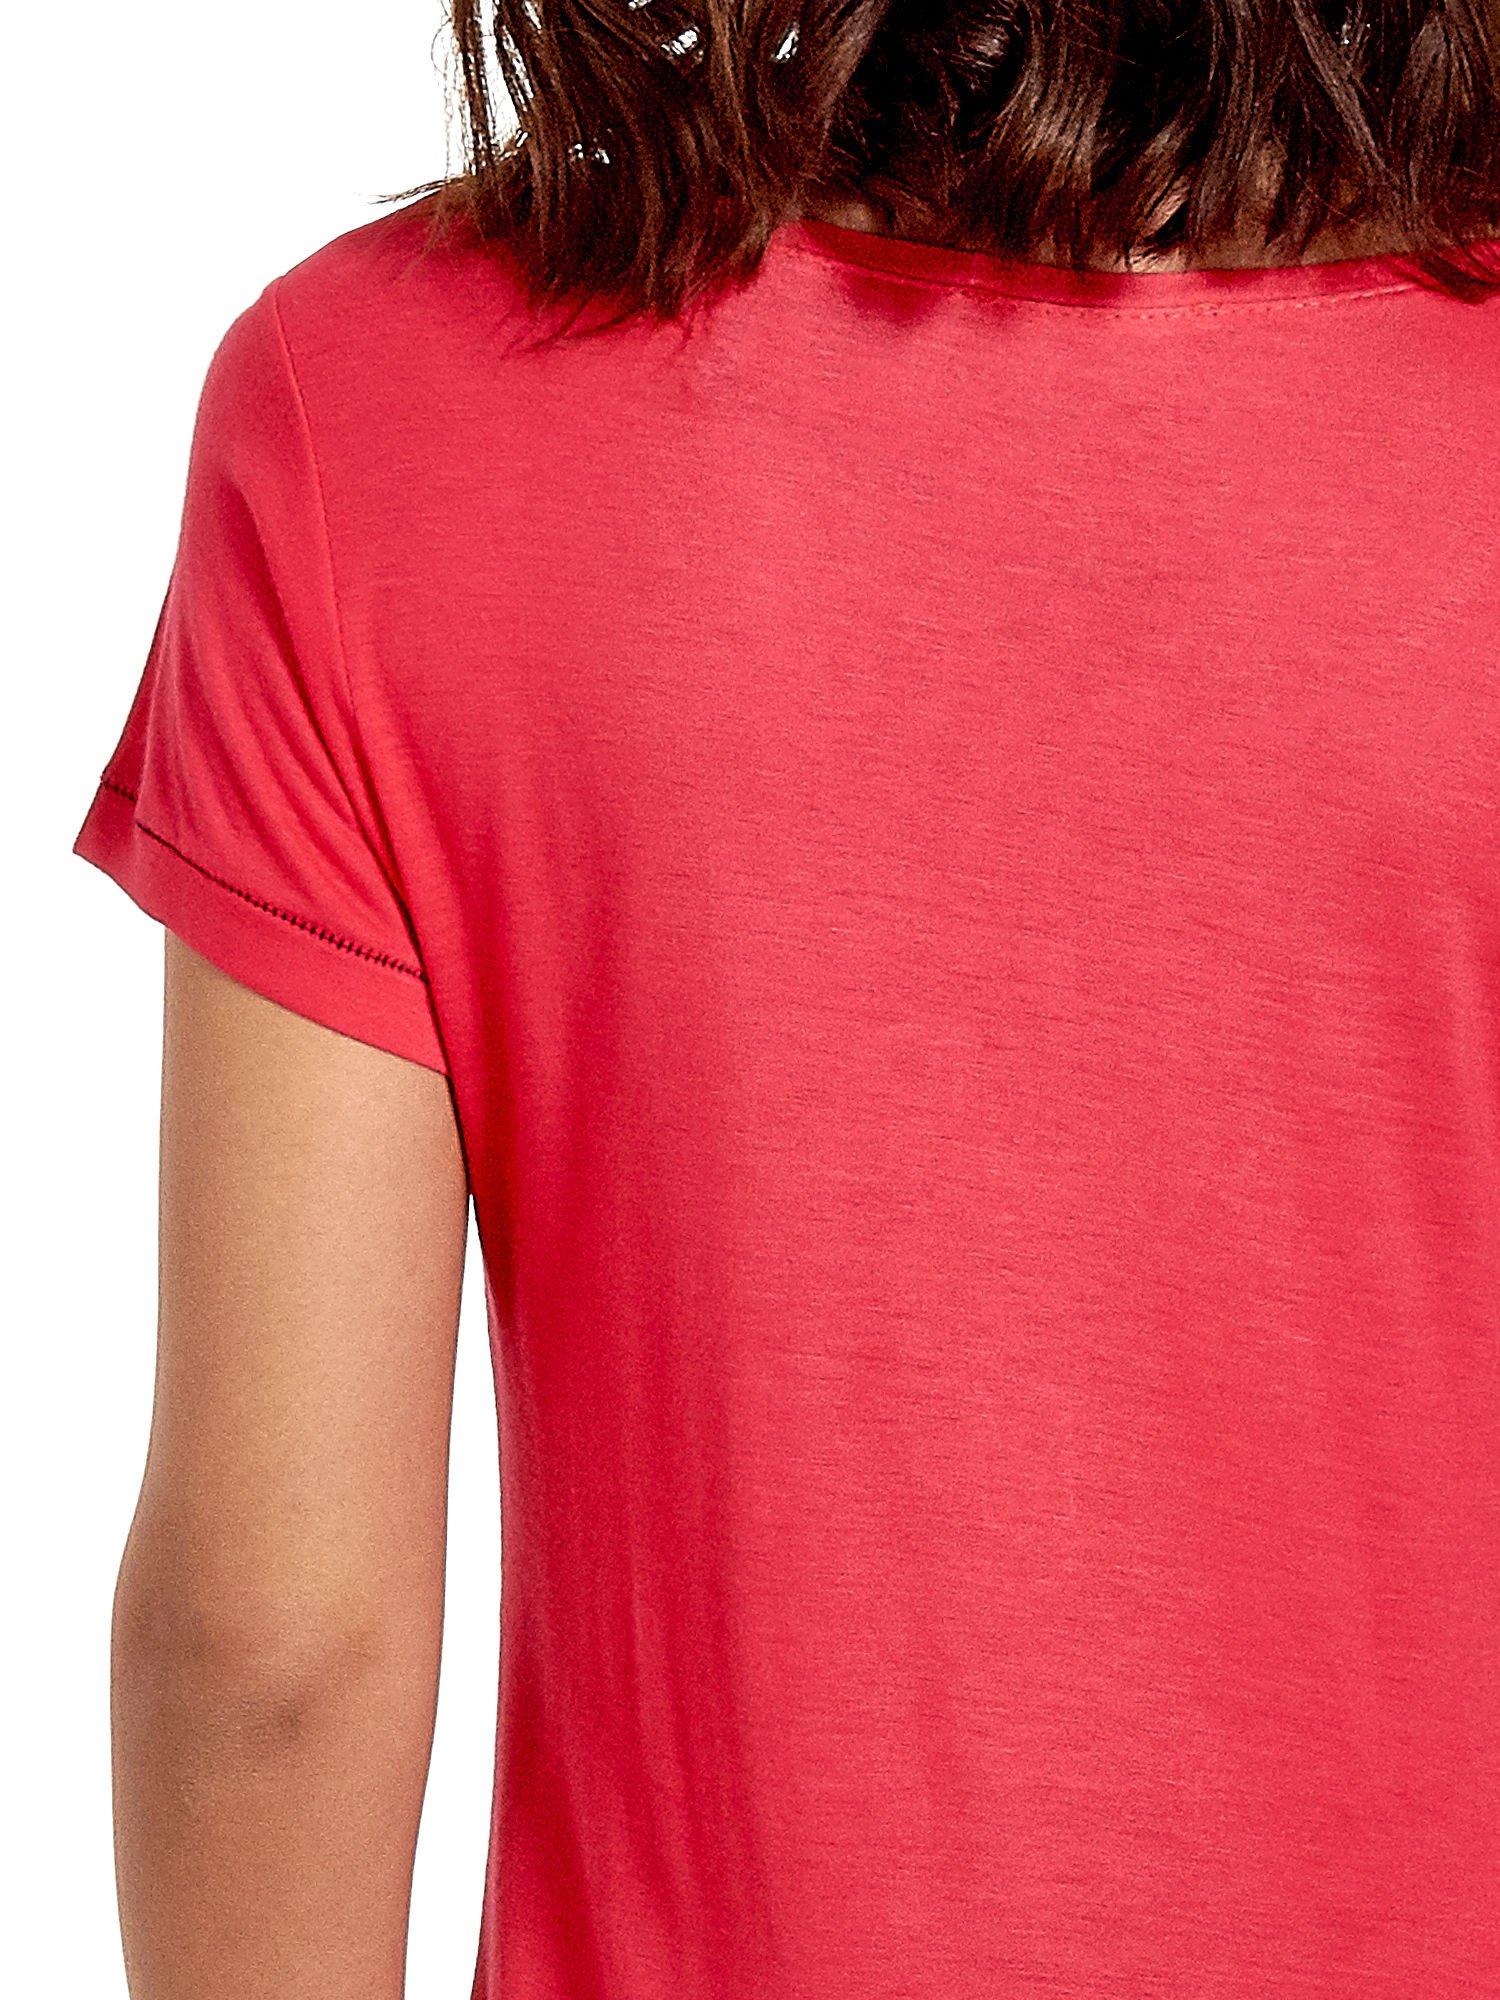 Fuksjowy t-shirt z napisem EVERY WOMAN IS A REBEL                                  zdj.                                  6